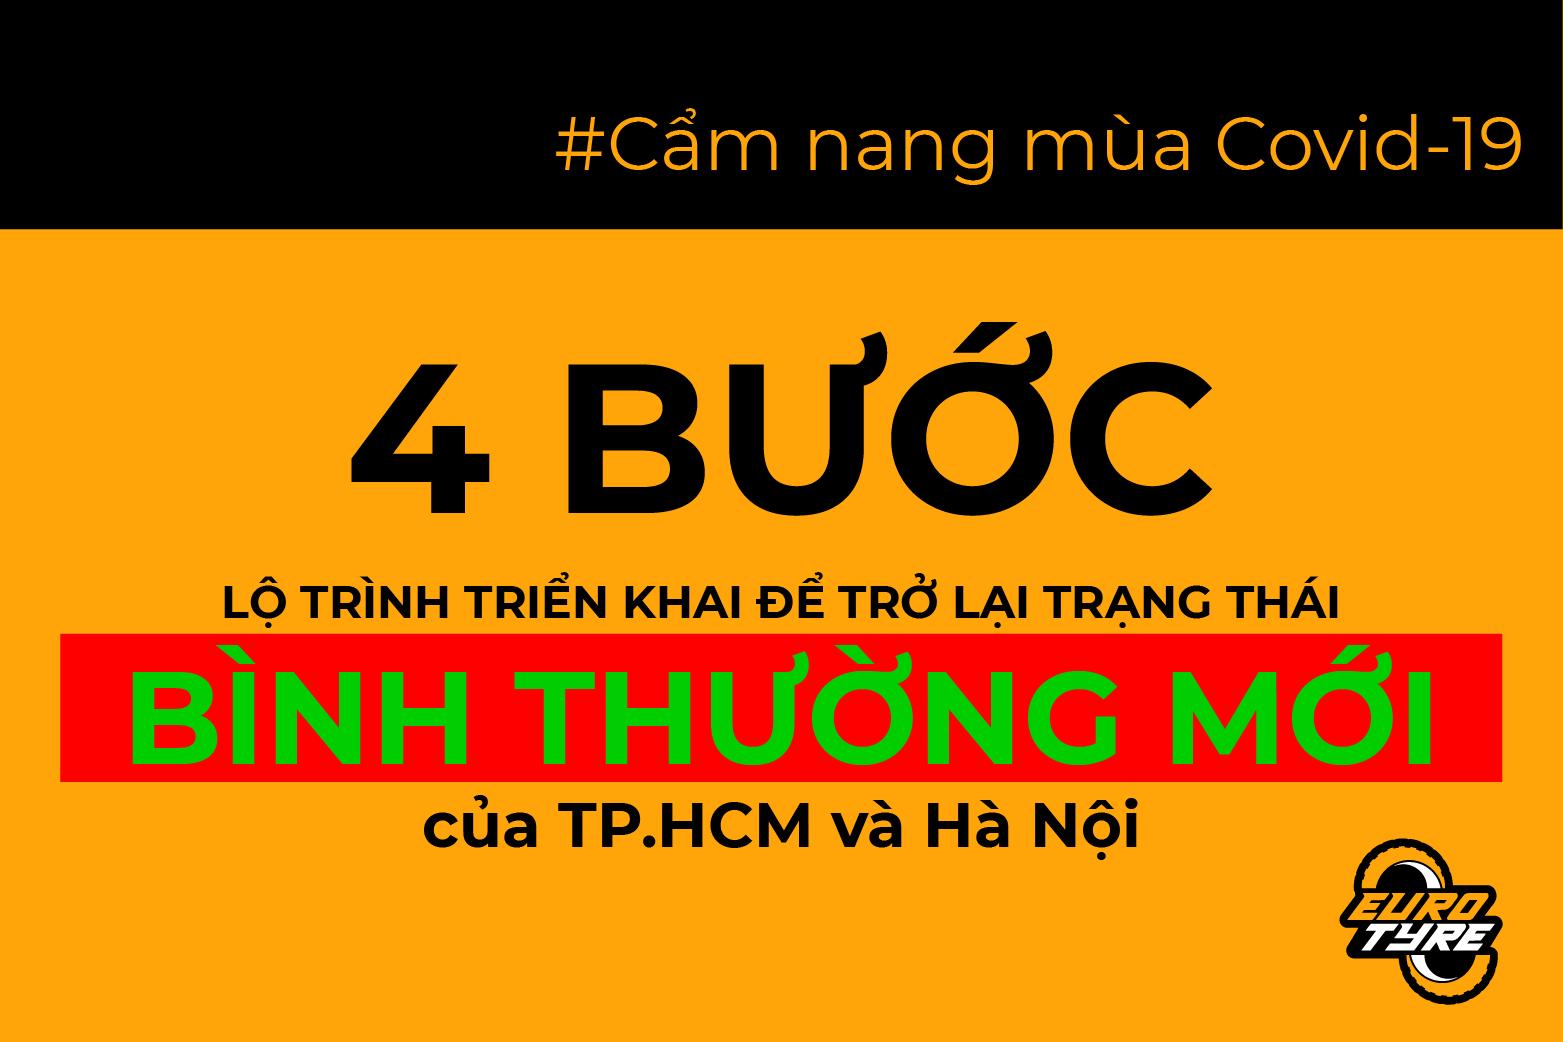 Toàn cảnh lộ trình trở lại trạng thái Bình thường mới của TP.HCM và Hà Nội